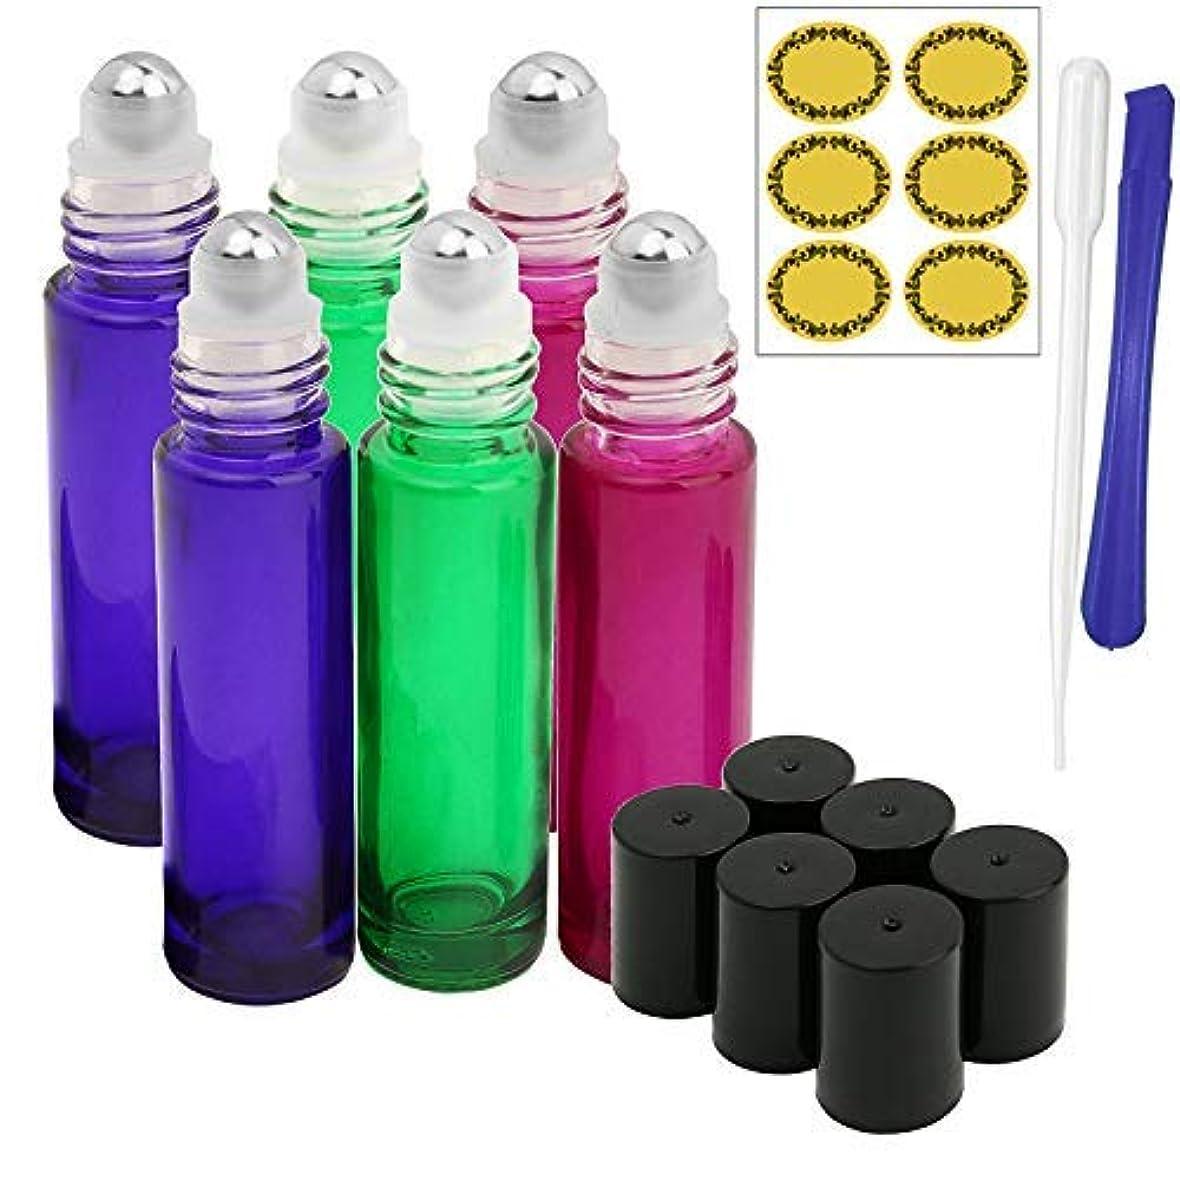 再発する叫び声リブ6, 10ml Roller Bottles for Essential Oils - Gradient Color Glass Refillable Roller on Bottles with 1 Opener, 1...